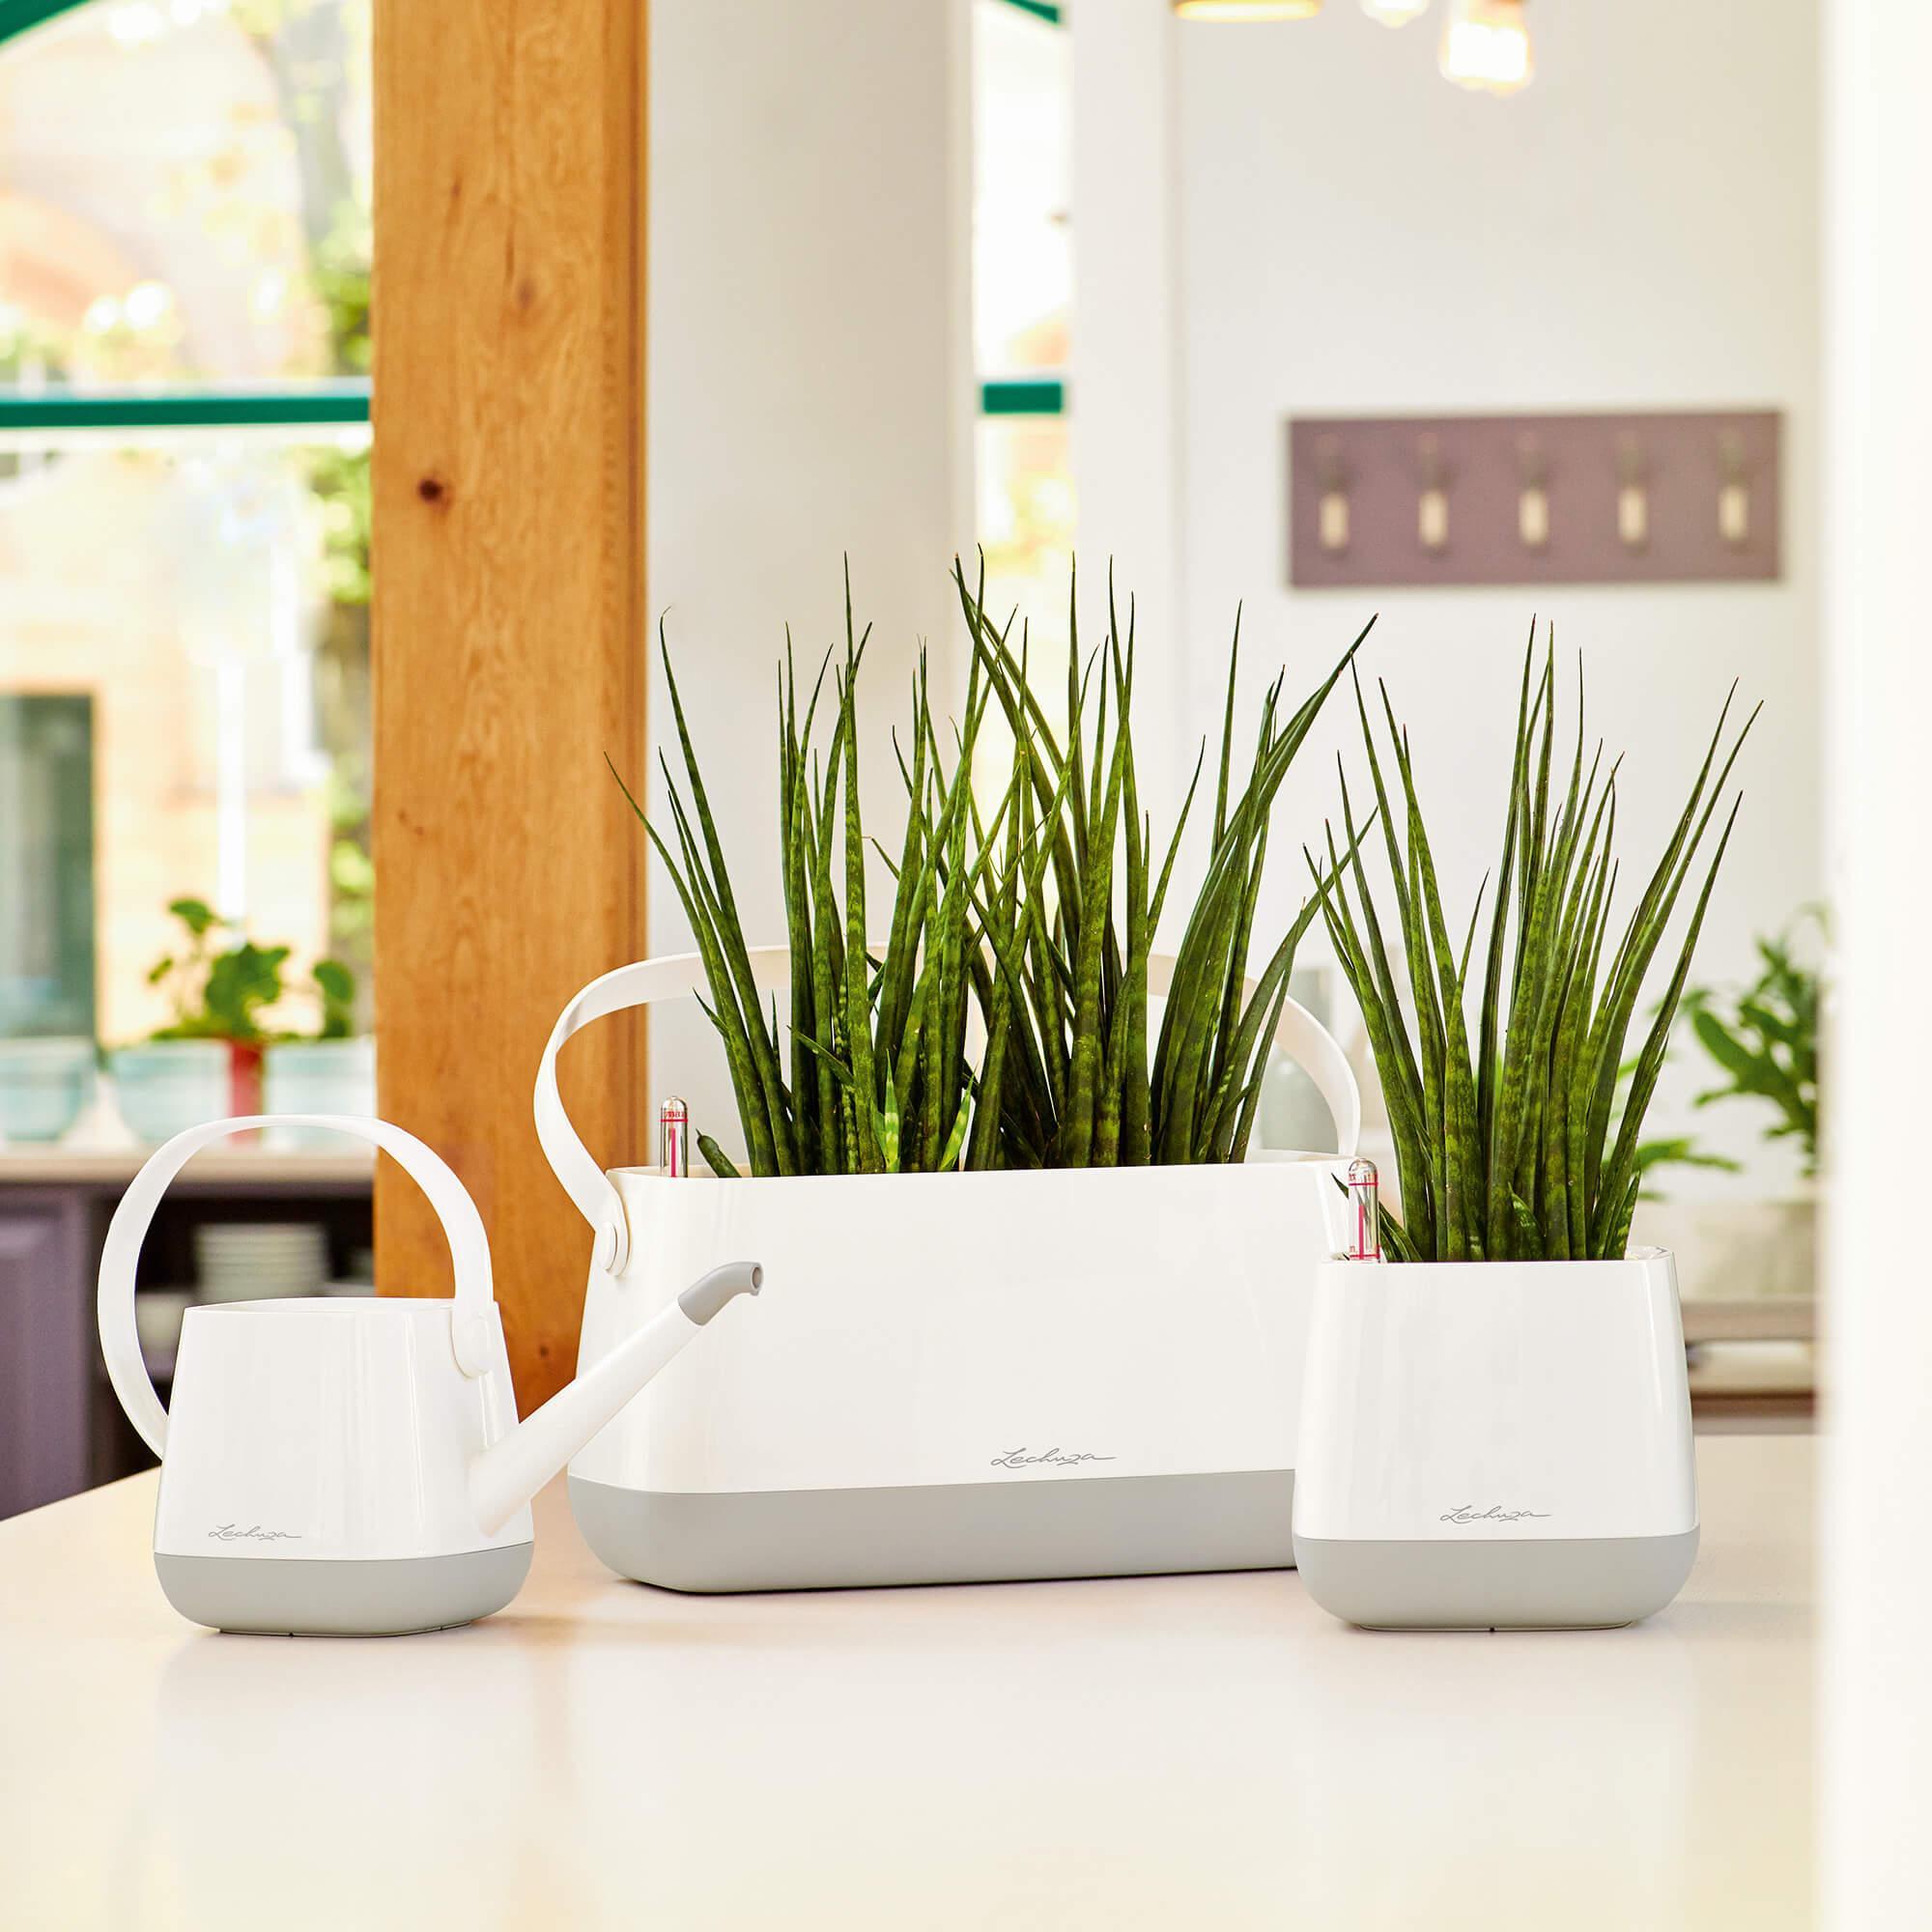 Borsetta per piante YULA bianco/grigio semi opache - Immagine 7